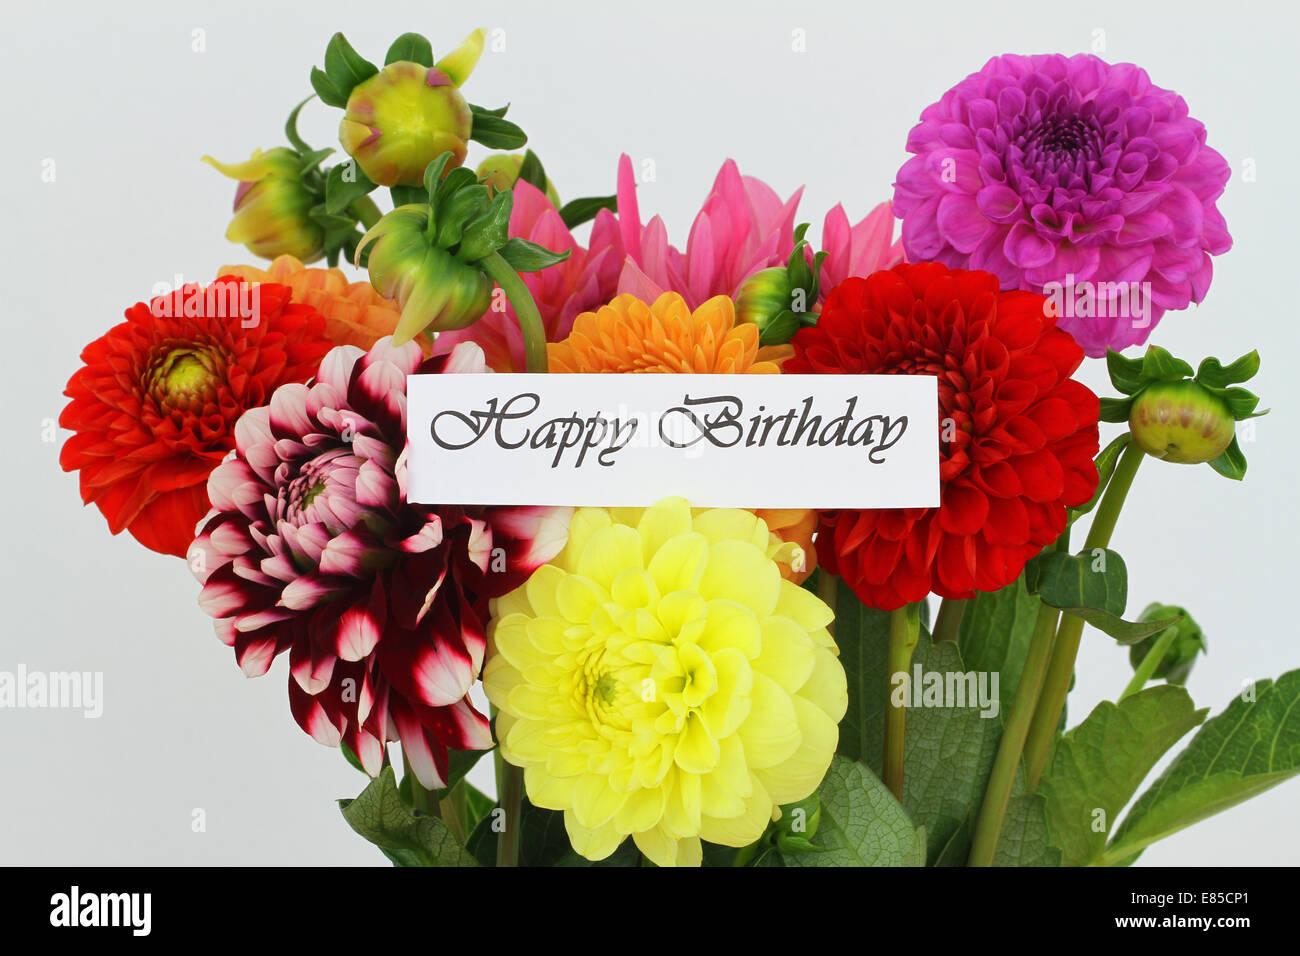 Happy birthday card dahlia flowers stock photos happy birthday happy birthday card with colorful dahlia flowers stock image izmirmasajfo